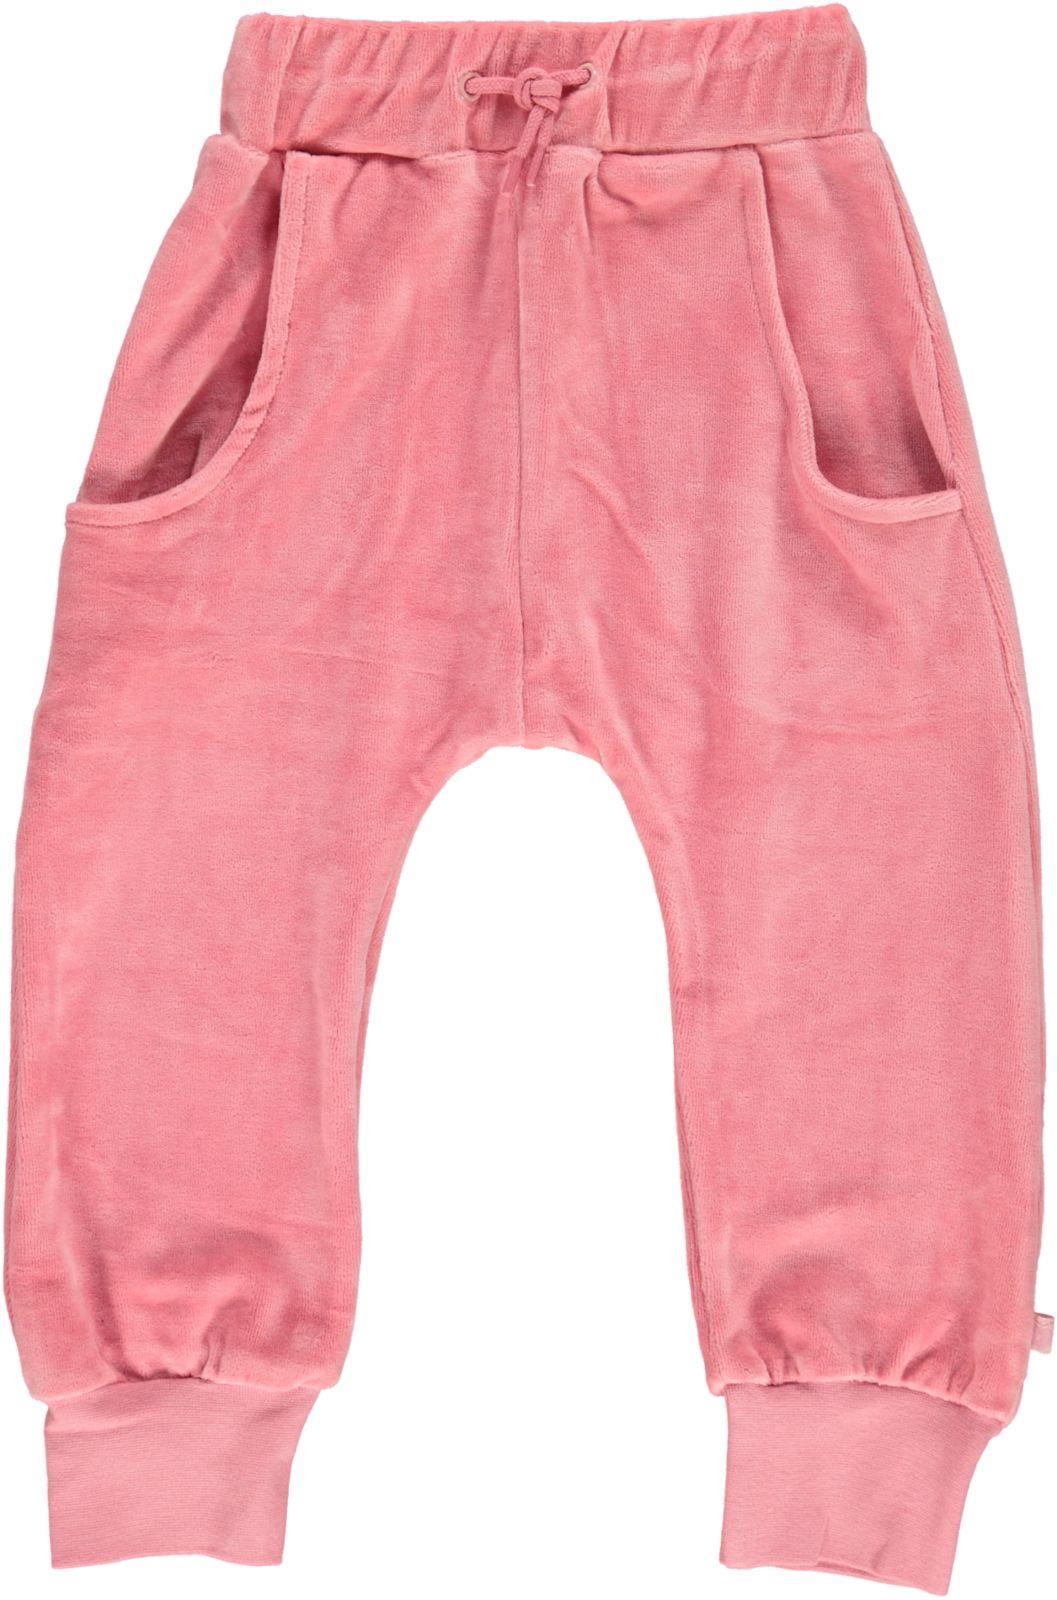 Småfolk - Velvet Pants - Blush